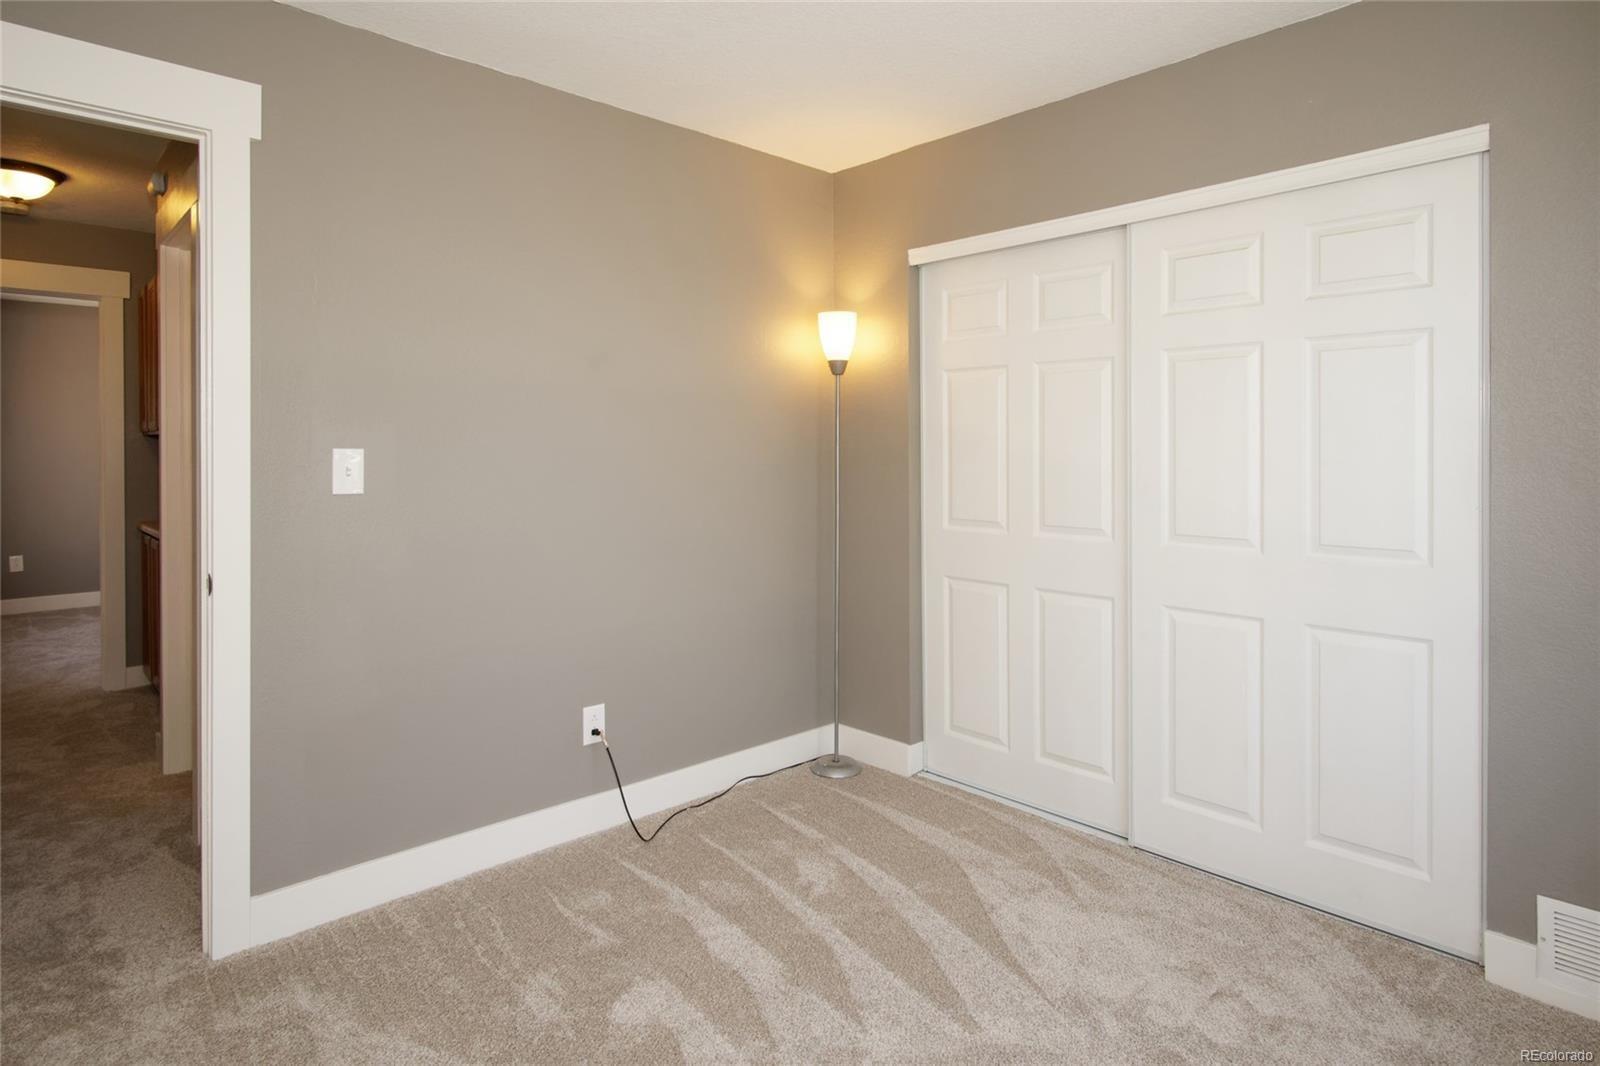 MLS# 6343588 - 25 - 522 Lindenwood Court, Highlands Ranch, CO 80126